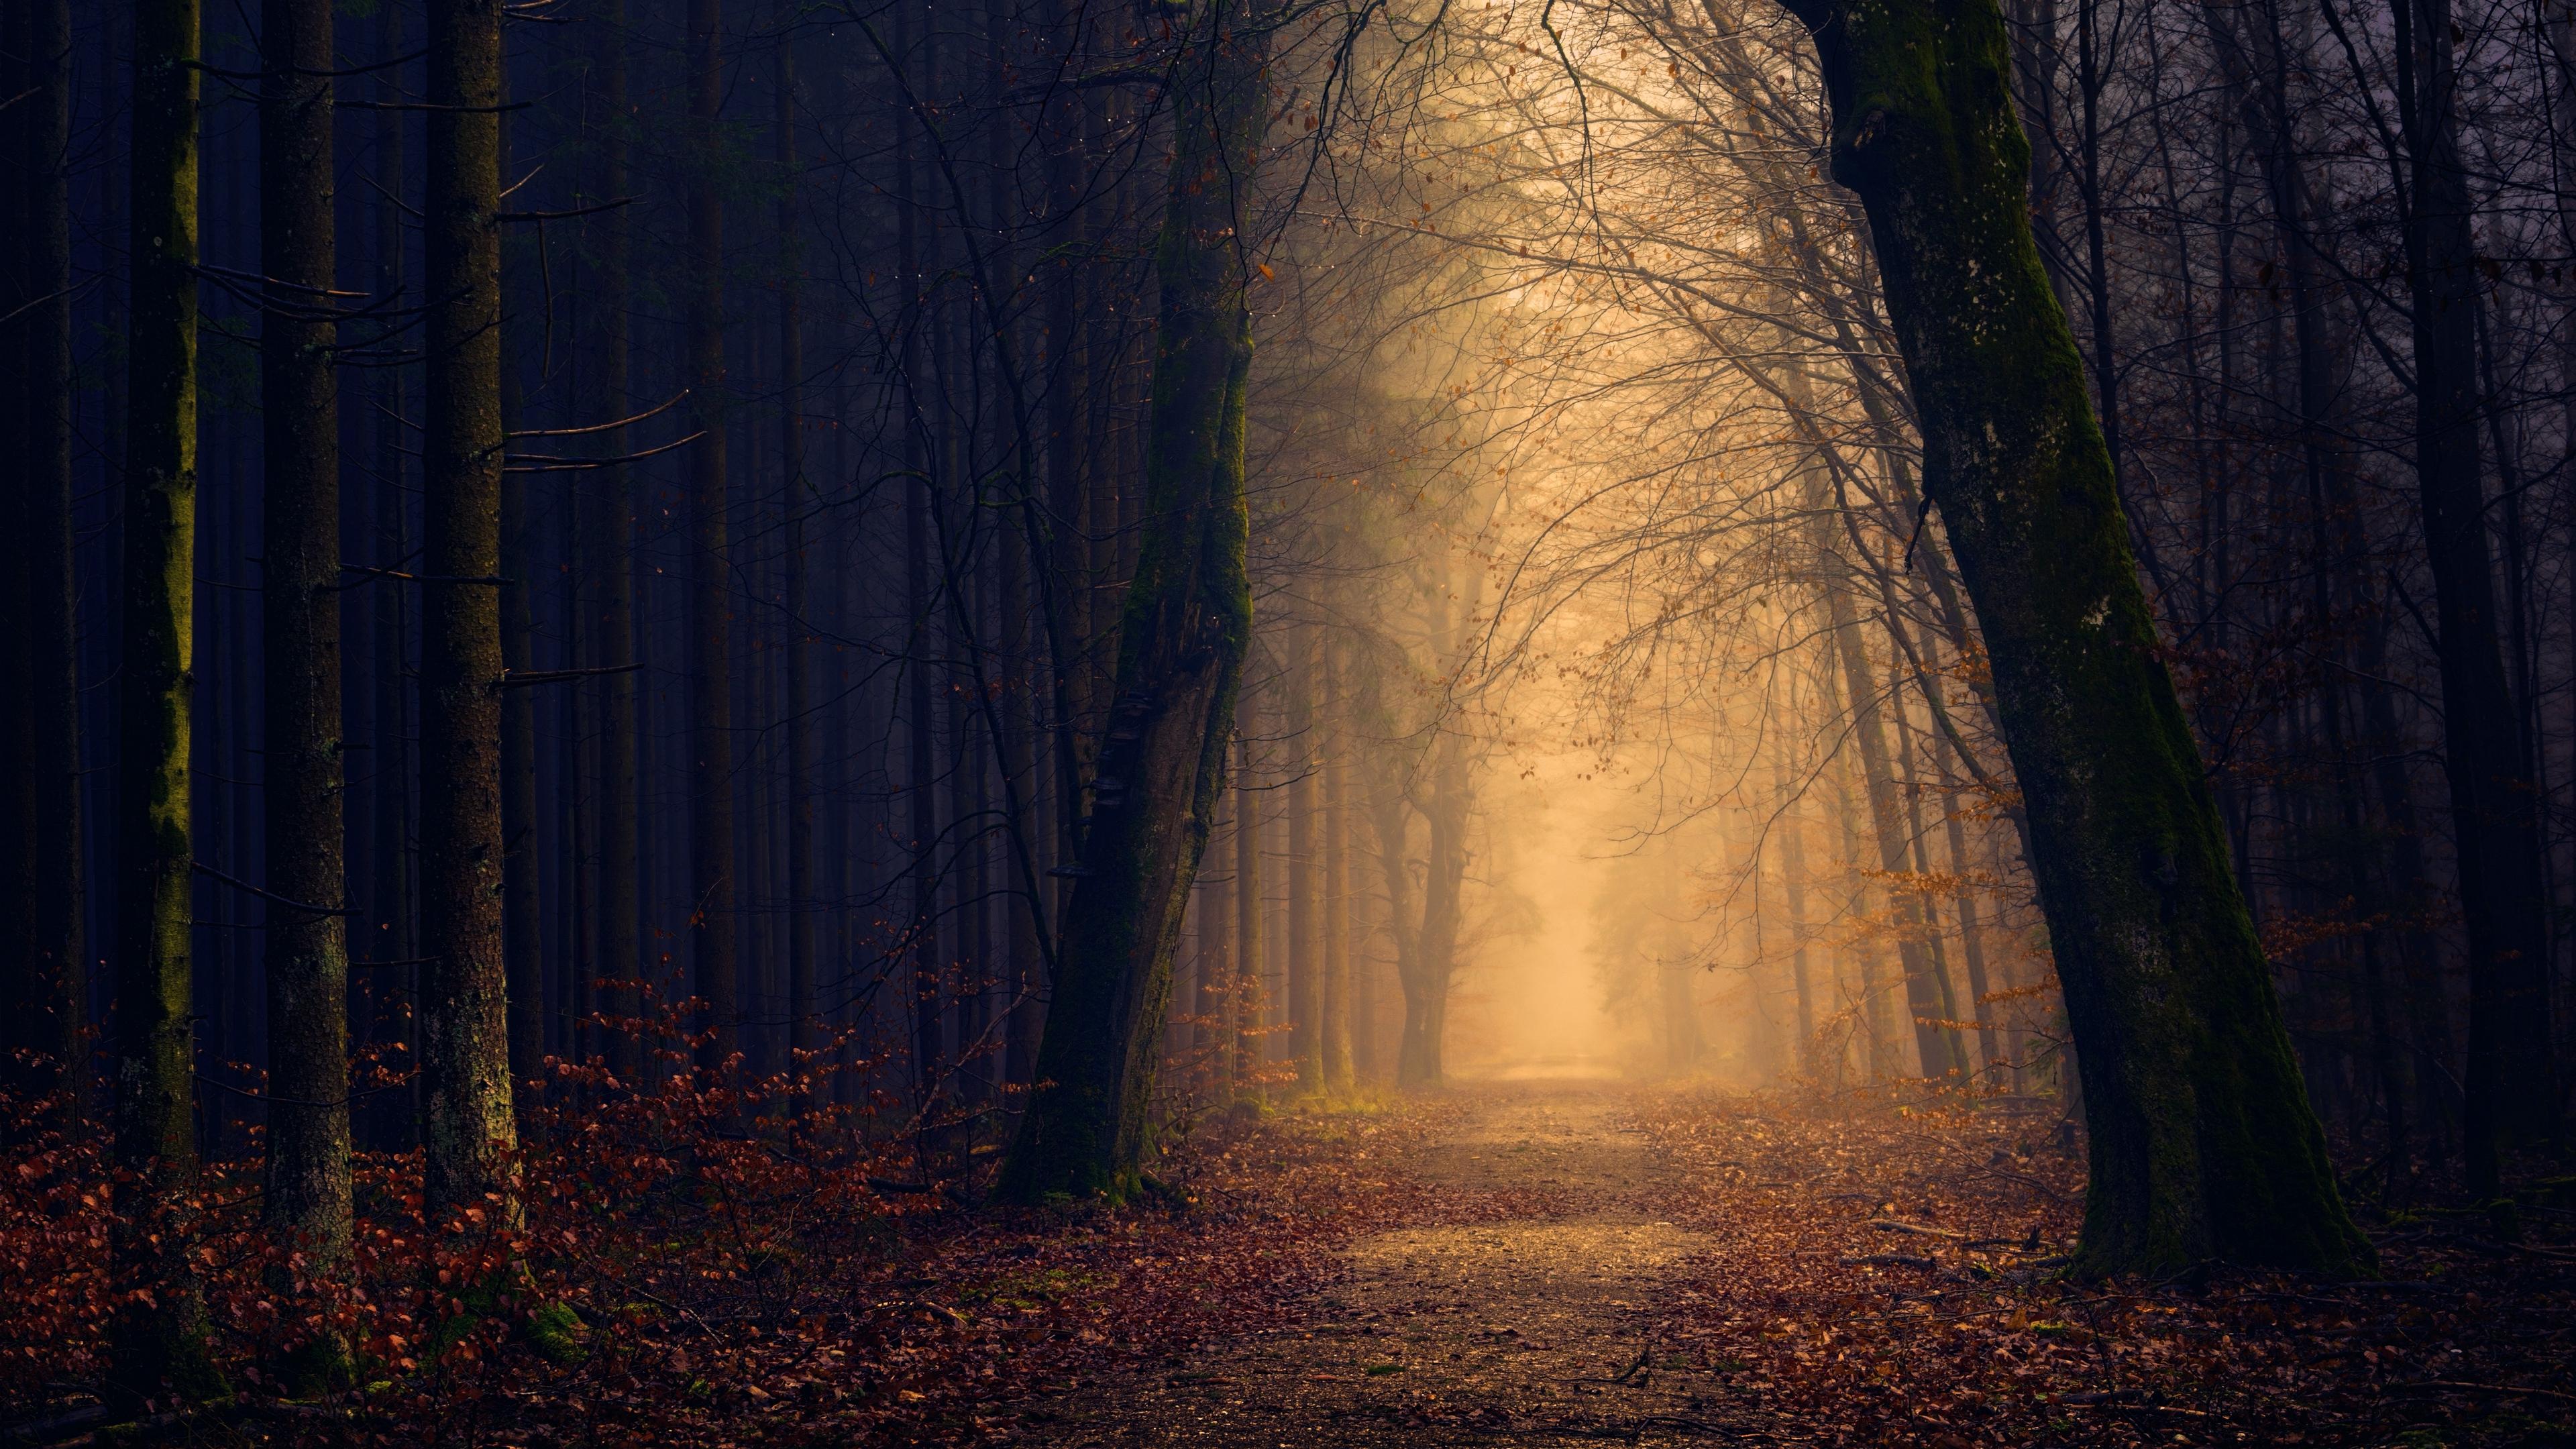 Hình nền 4K thiên nhiên rừng núi